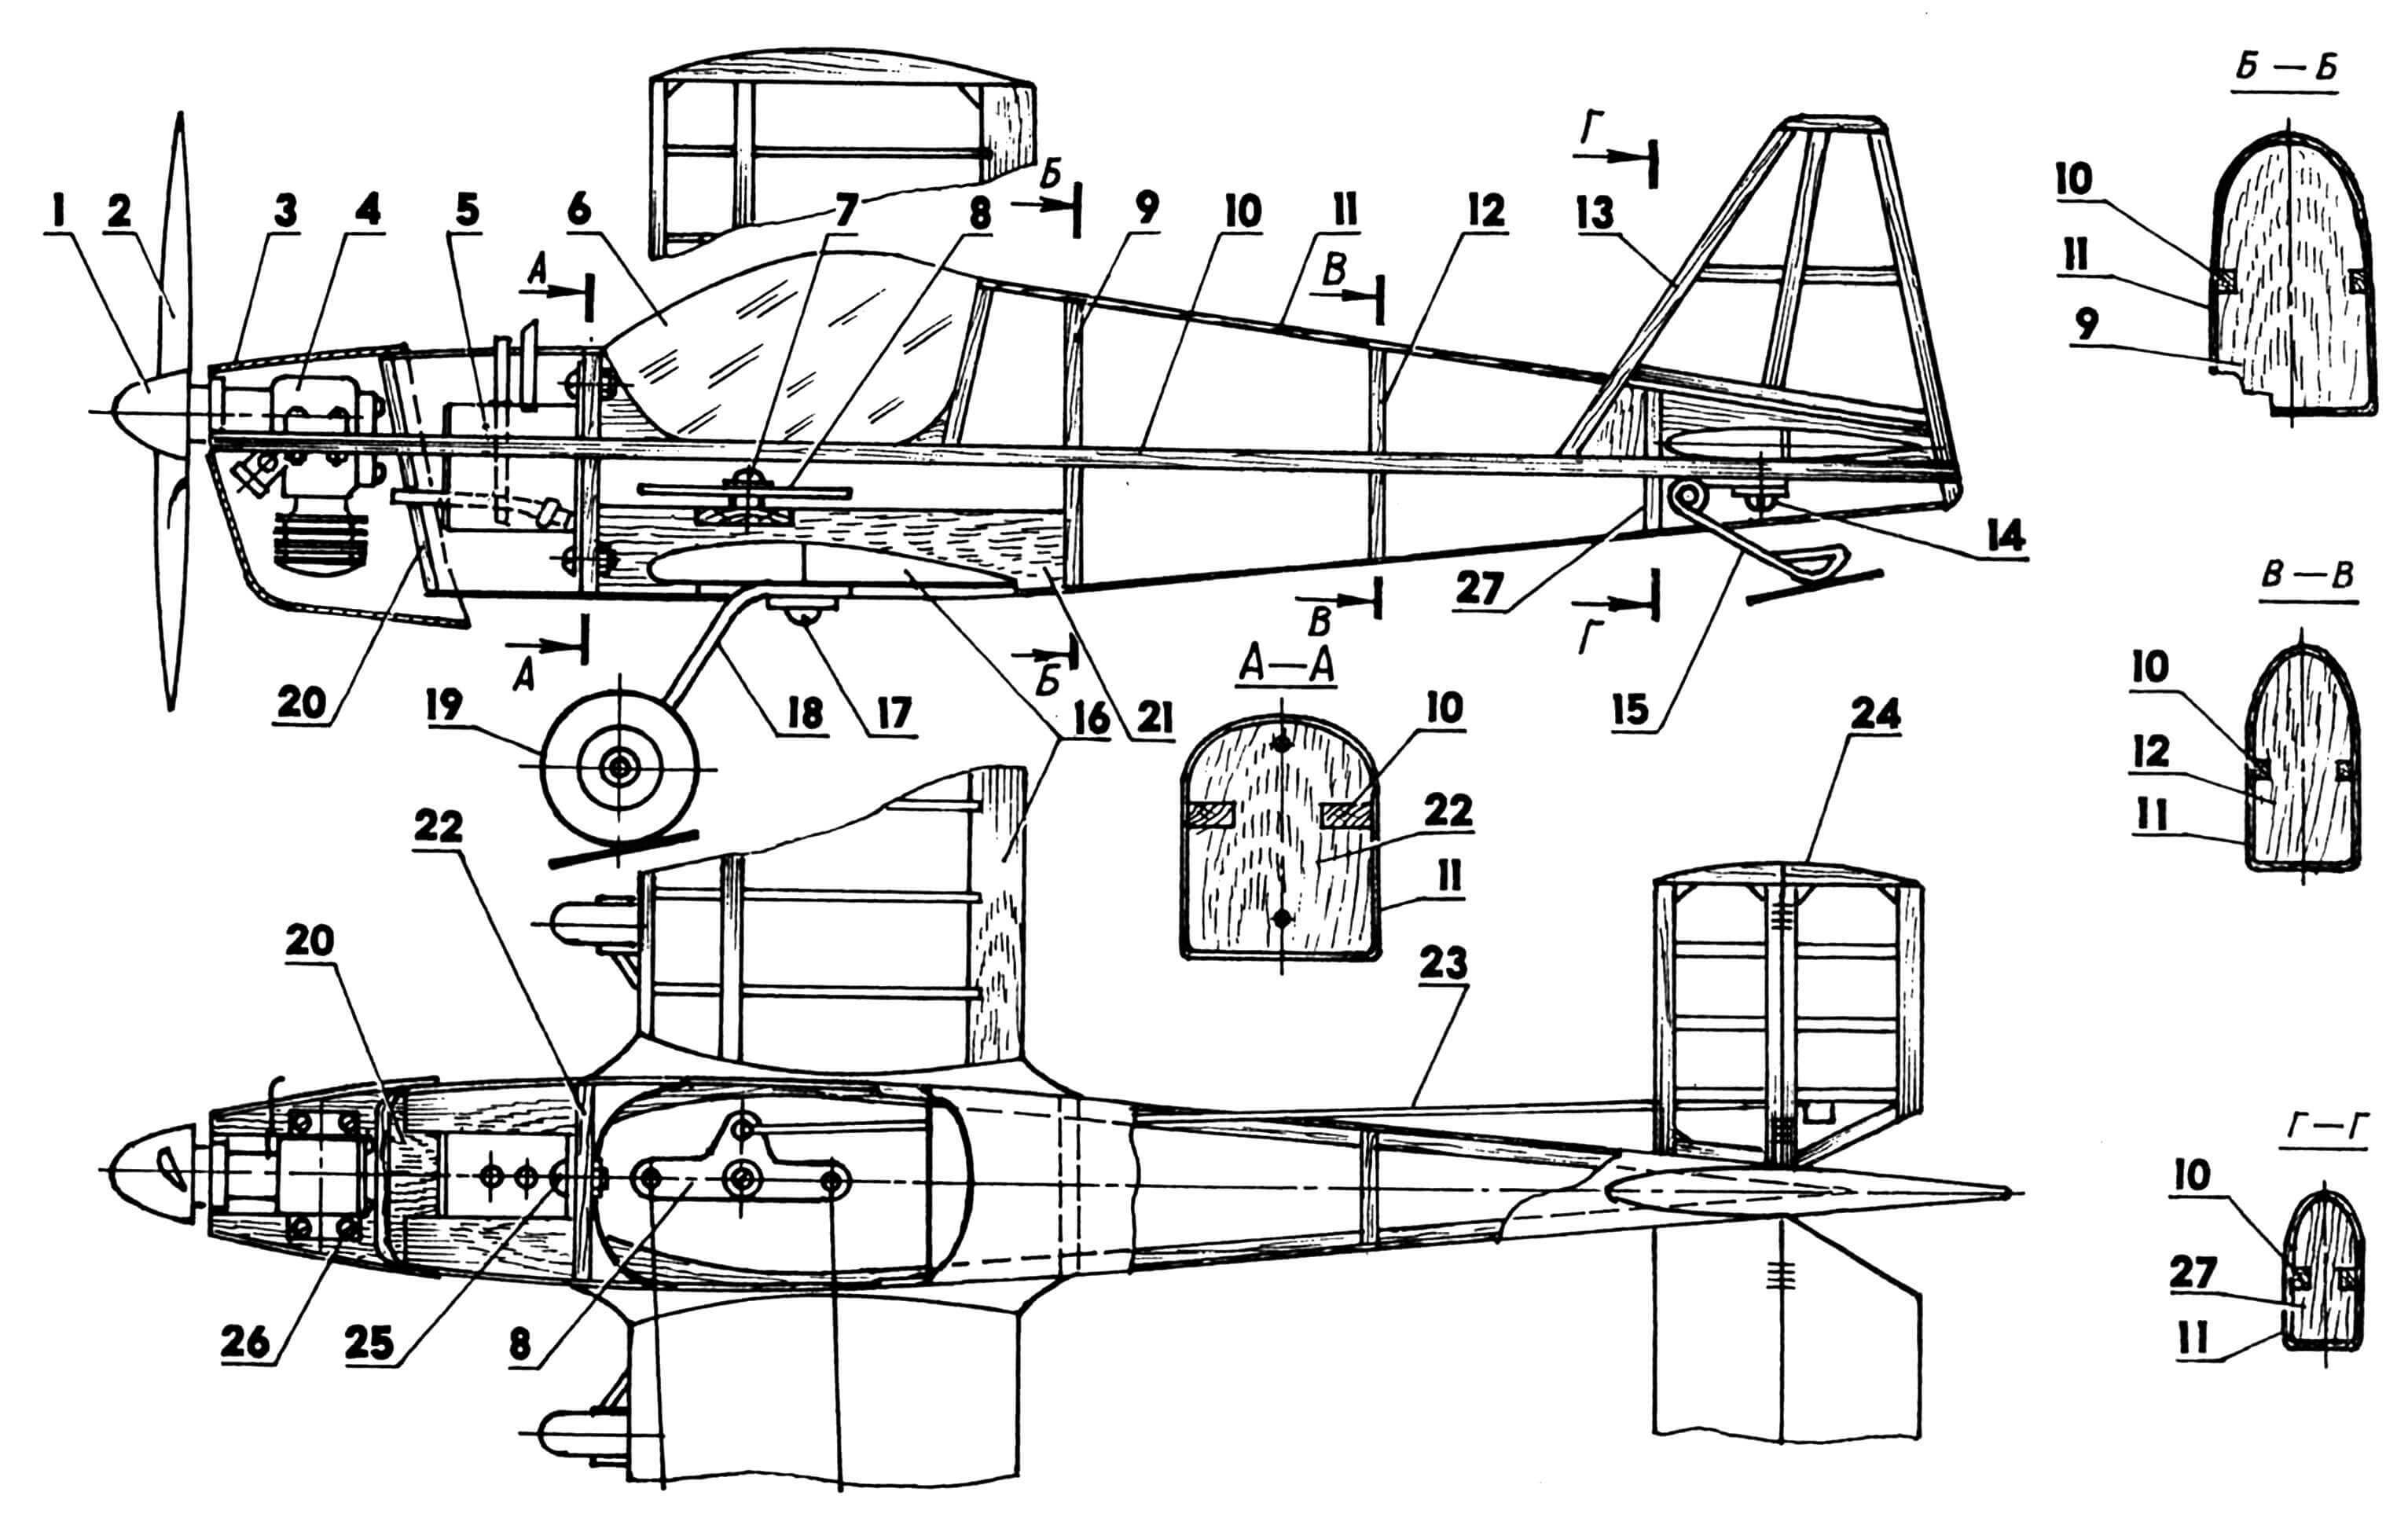 Компоновка кордовой модели: 1 — кок воздушного винта; 2 — винт воздушный ø200х 150; 3 — капот двигателя (алюминий, лист s1); 4 — двигатель; 5 — бачок топливный; 6 — фонарь «кабины пилота»; 7 — болт, гайка и шайба крепления качалки управления; 8 — качалка управления; 9,12,20,22,27 — шпангоуты фюзеляжа (фанера s3); 10 — стрингер (ель, пластина s6); 11 — обшивка фюзеляжа (шпон или прессшпан); 13 — киль; 14 — шуруп и шайба крепления хвостового костыля; 15 — костыль хвостовой (проволока ОВС ø2); 16 — крыло; 17 — болт, гайка и шайба крепления шасси и крыла к фюзеляжу; 18 — рессора шасси (проволока ОВС ø3 мм); 19 — колесо; 21 — узел крыльевой, стыковочный; 23 — тяга управления рулем высоты (спица вязальная ø2...2,5); 24 — оперение горизонтальное; 25 — болт М2,5 и гайка крепления топливного бачка; 26 — болт М2,5, гайка и шайба крепления двигателя.